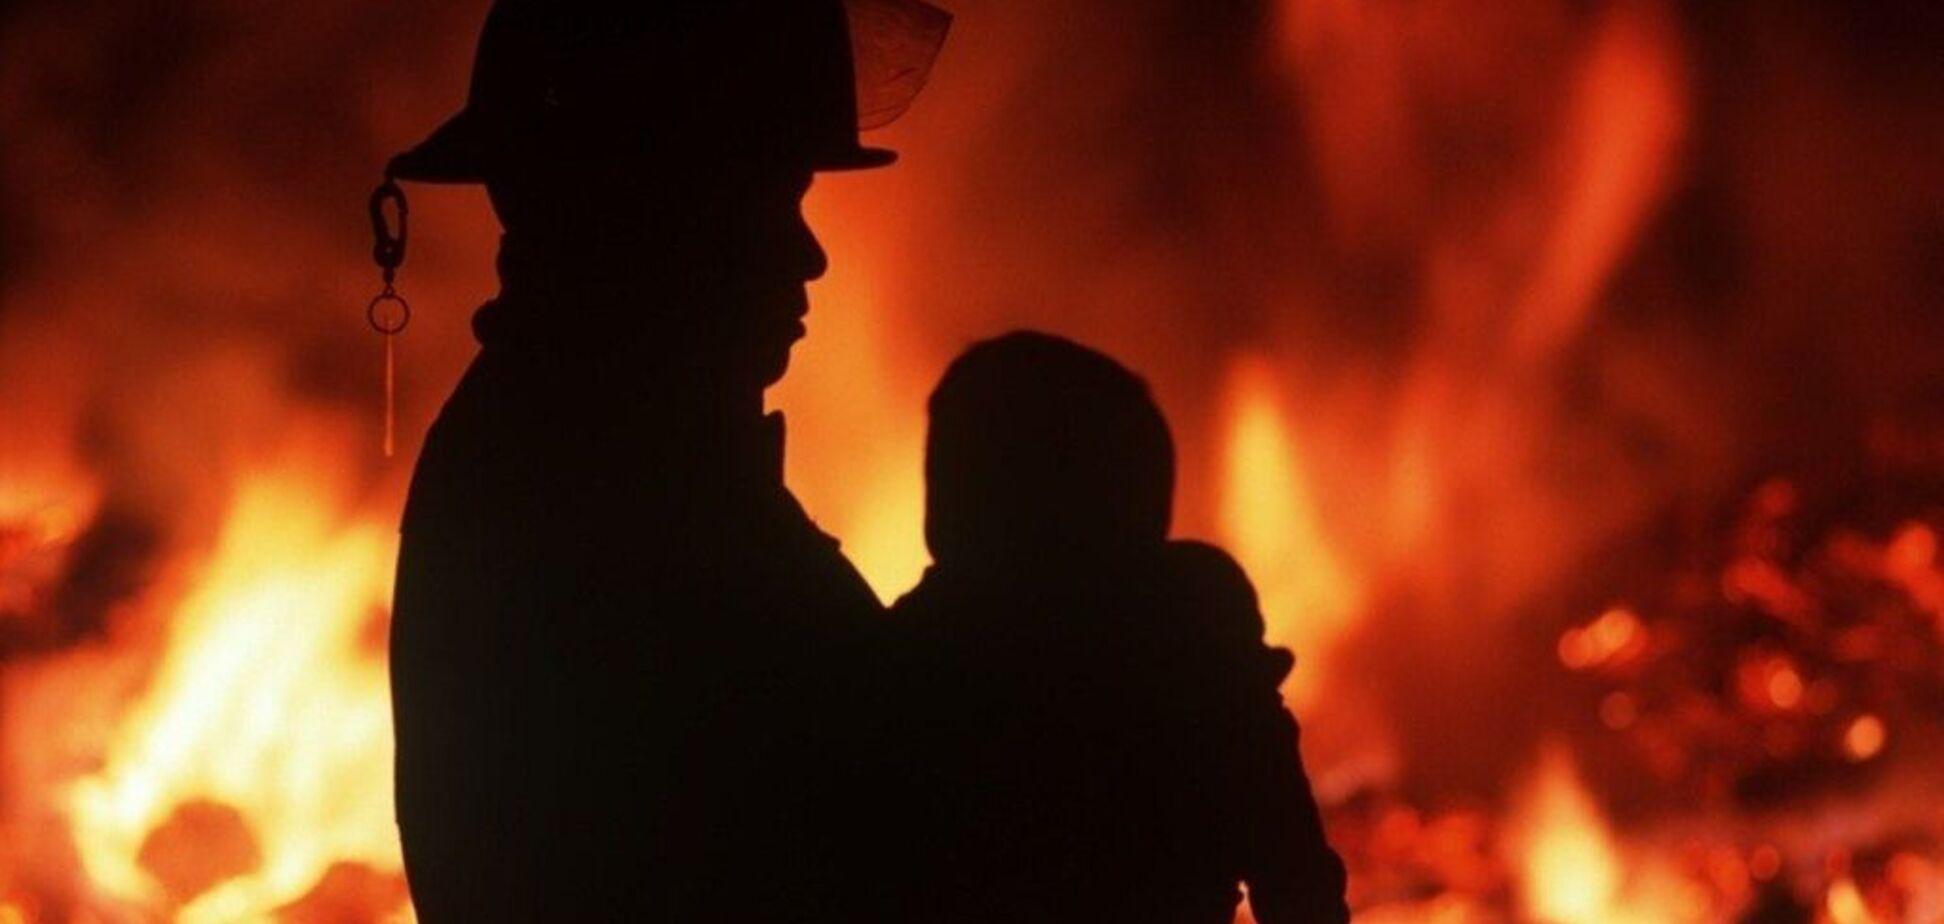 У Дніпрі під час пожежі ледь не вчаділа дитина: перші деталі